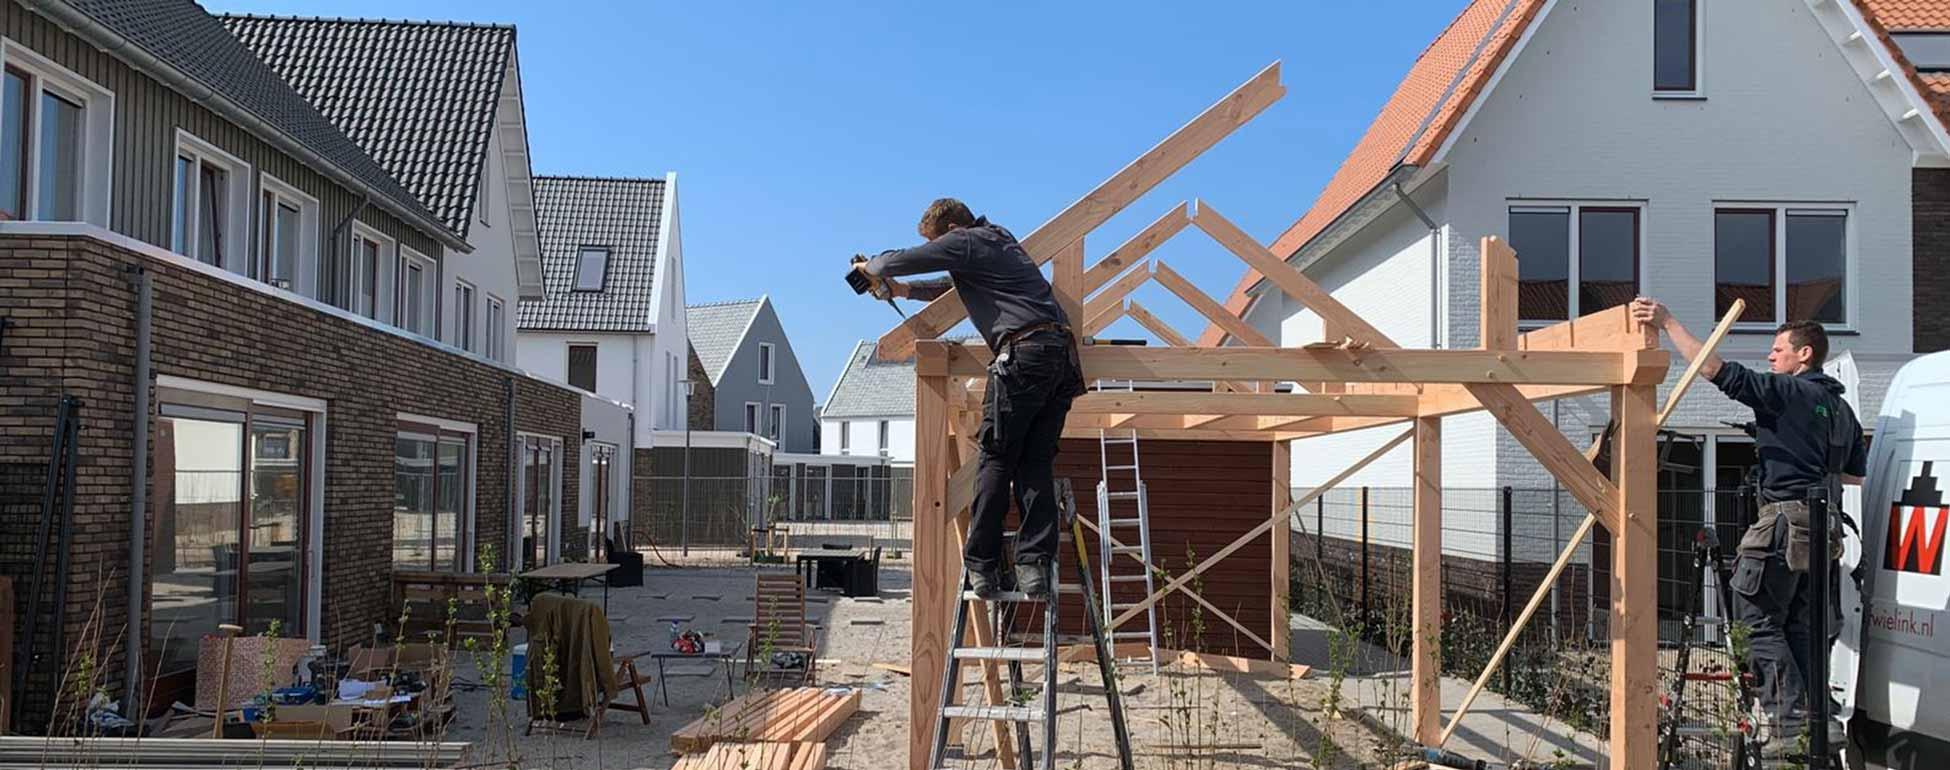 Wielink houtbouw - Exclusieve houtbouw zoals schuren met overkappingen, veranda's, kapschuren